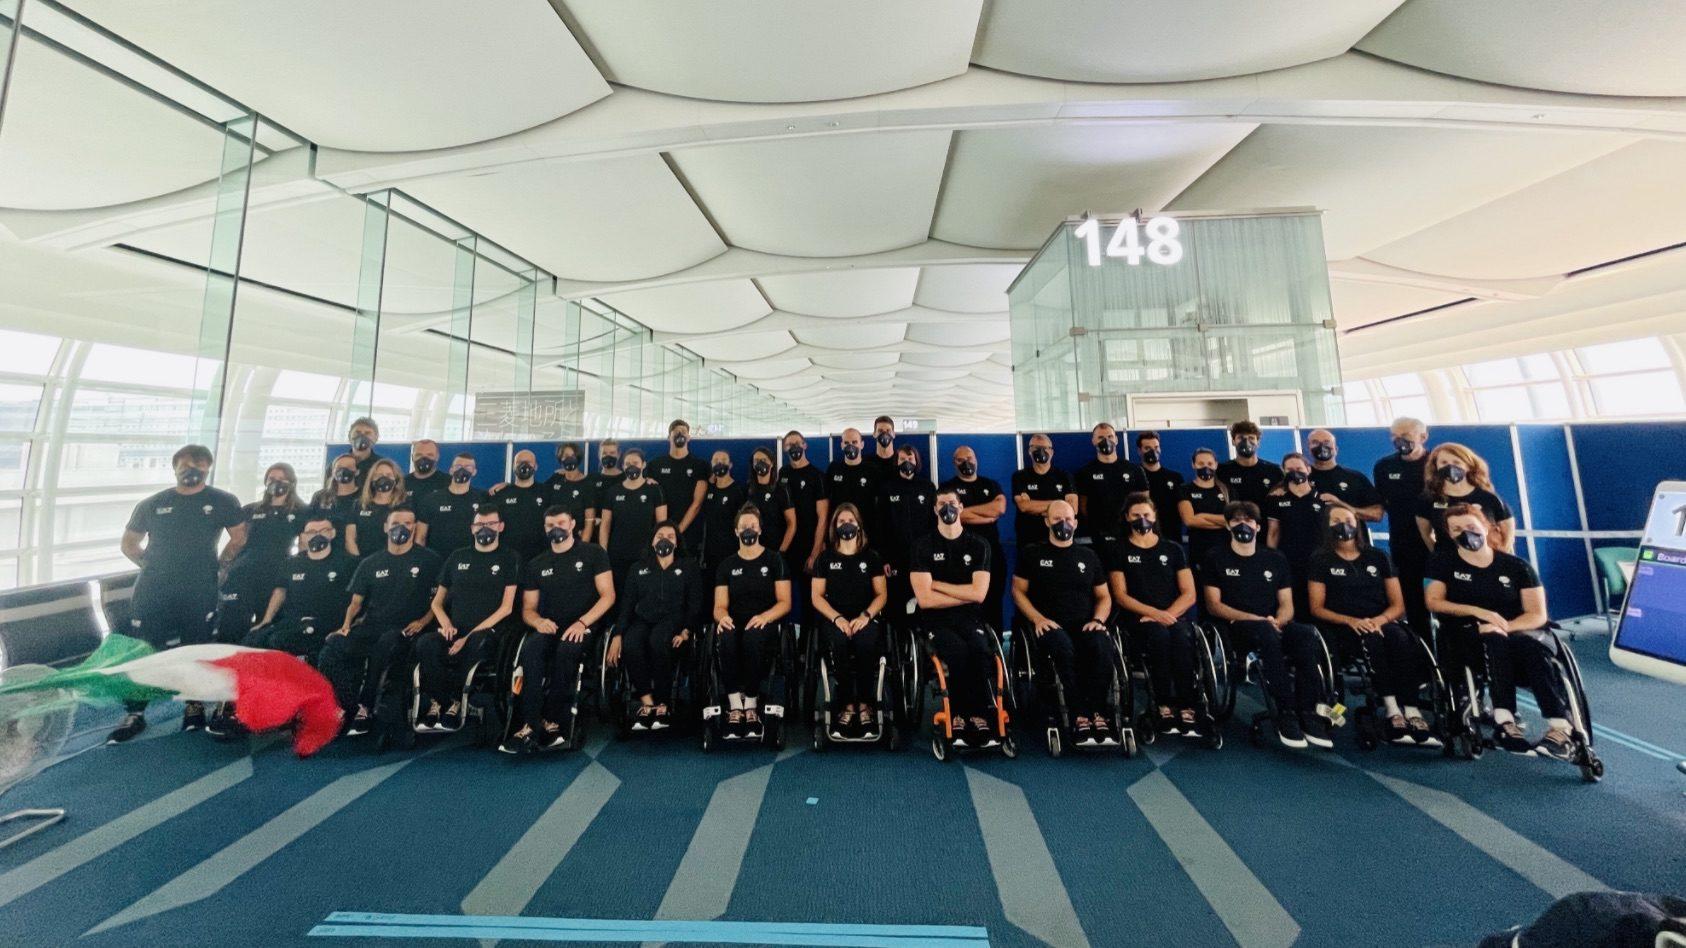 Paralimpiadi, la Squadra nazionale in ritiro a Sendai